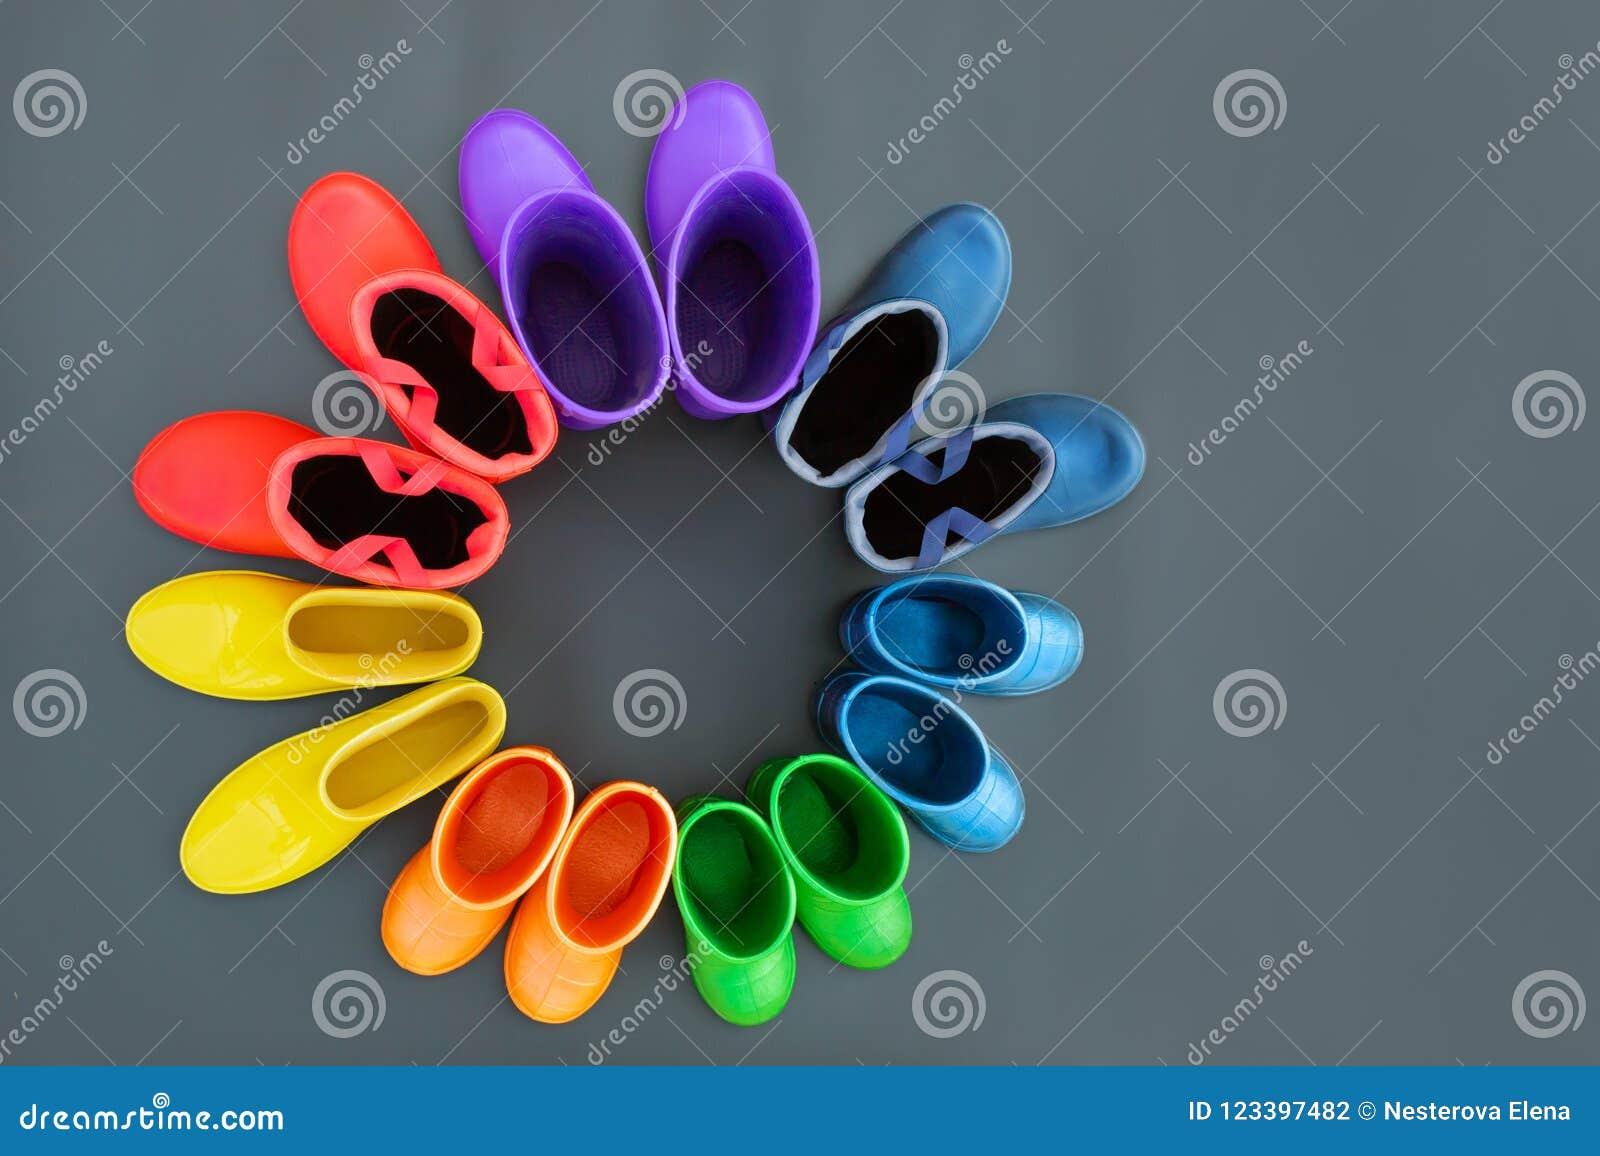 7be886bd8b Botas de borracha coloridas de todas as cores do suporte  arco-íris-vermelho, alaranjado, amarelo, verde, azul, ciano e roxo na  superfície cinzenta em um ...